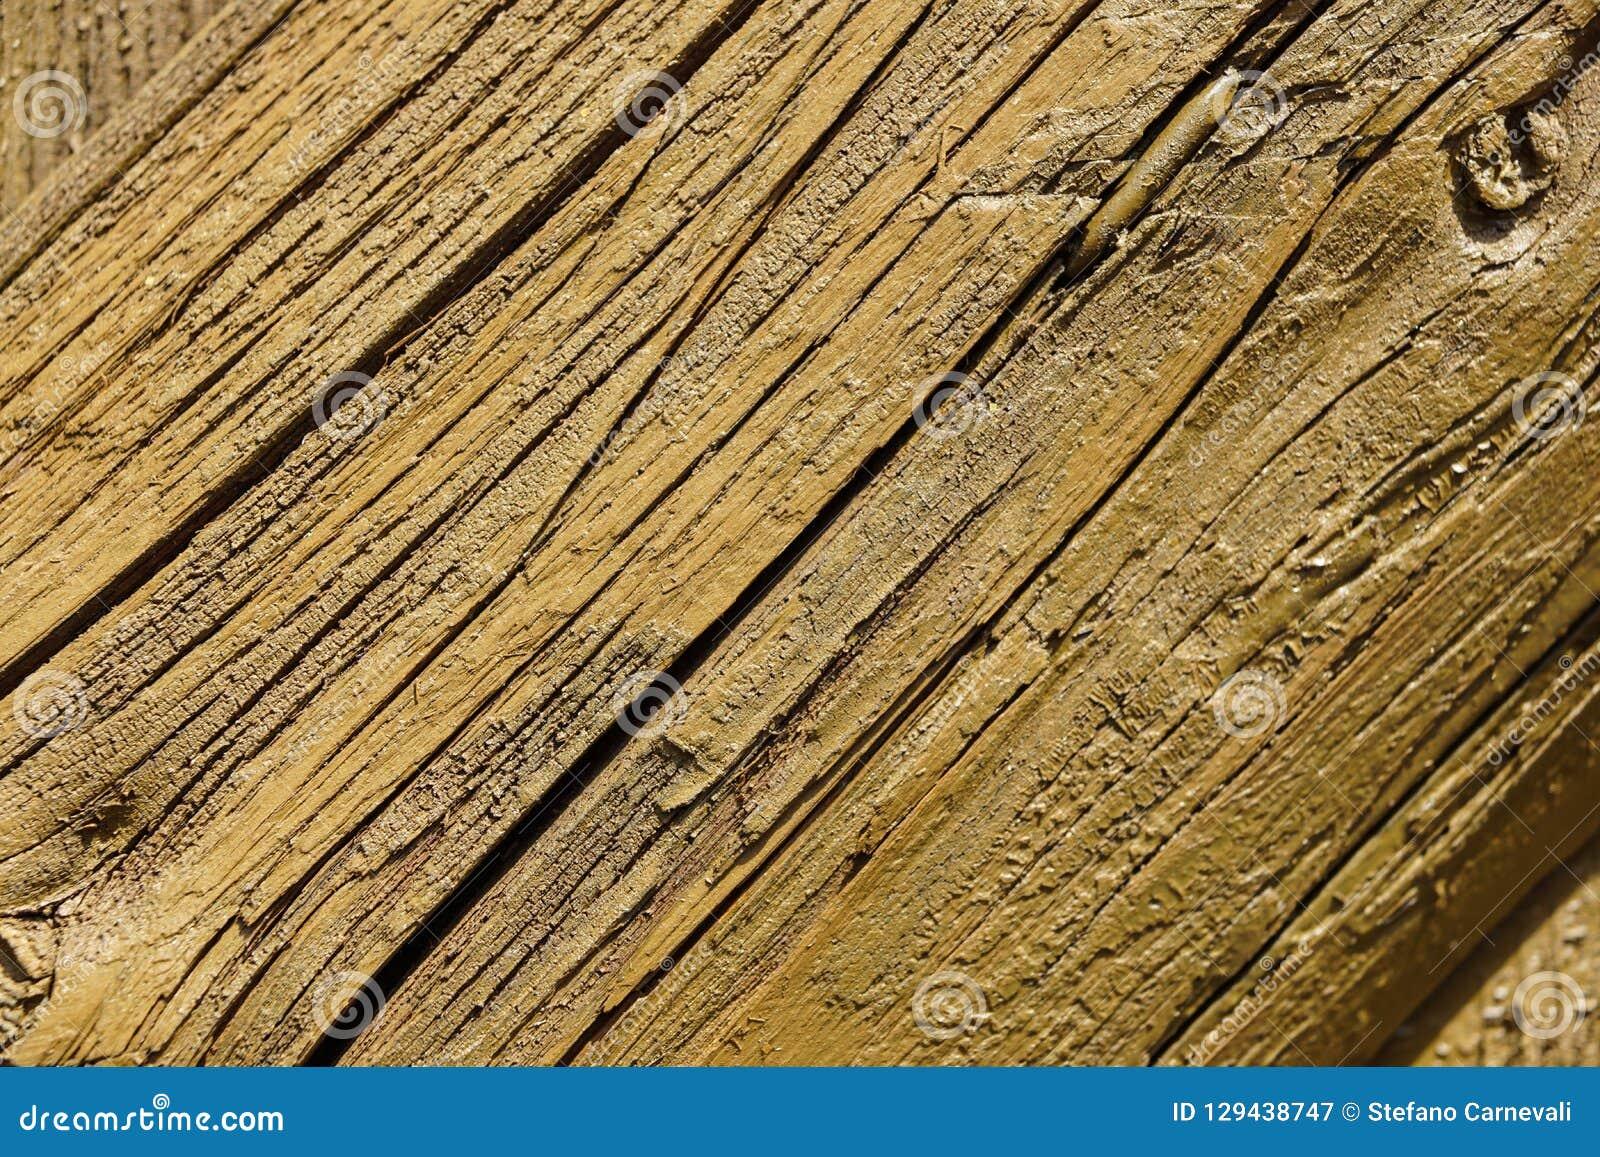 Texture en bois, fond en bois de grain de planche, bureau dans la fin de perspective, bois de construction rayé, vieux Tableau ou